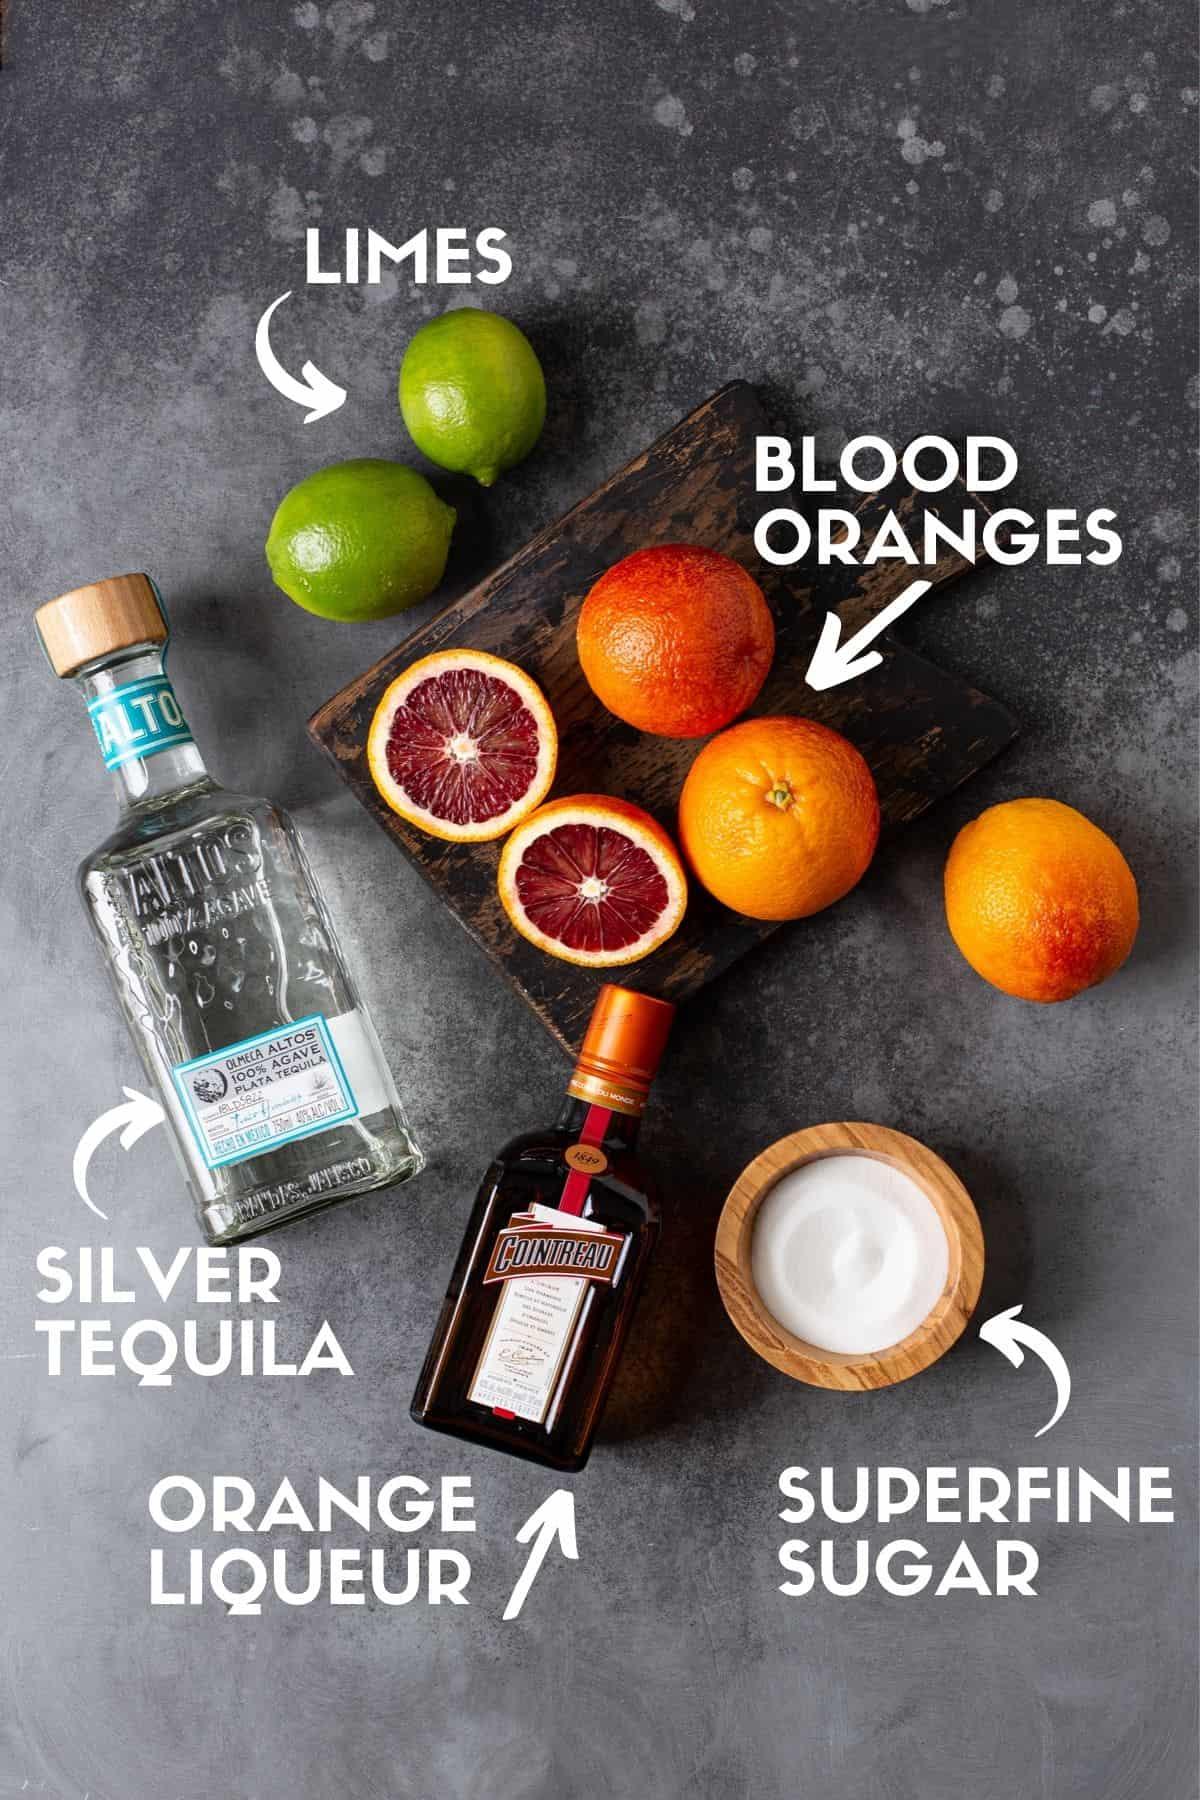 Margarita ingredients, including citrus juices, tequila and orange liqueur.